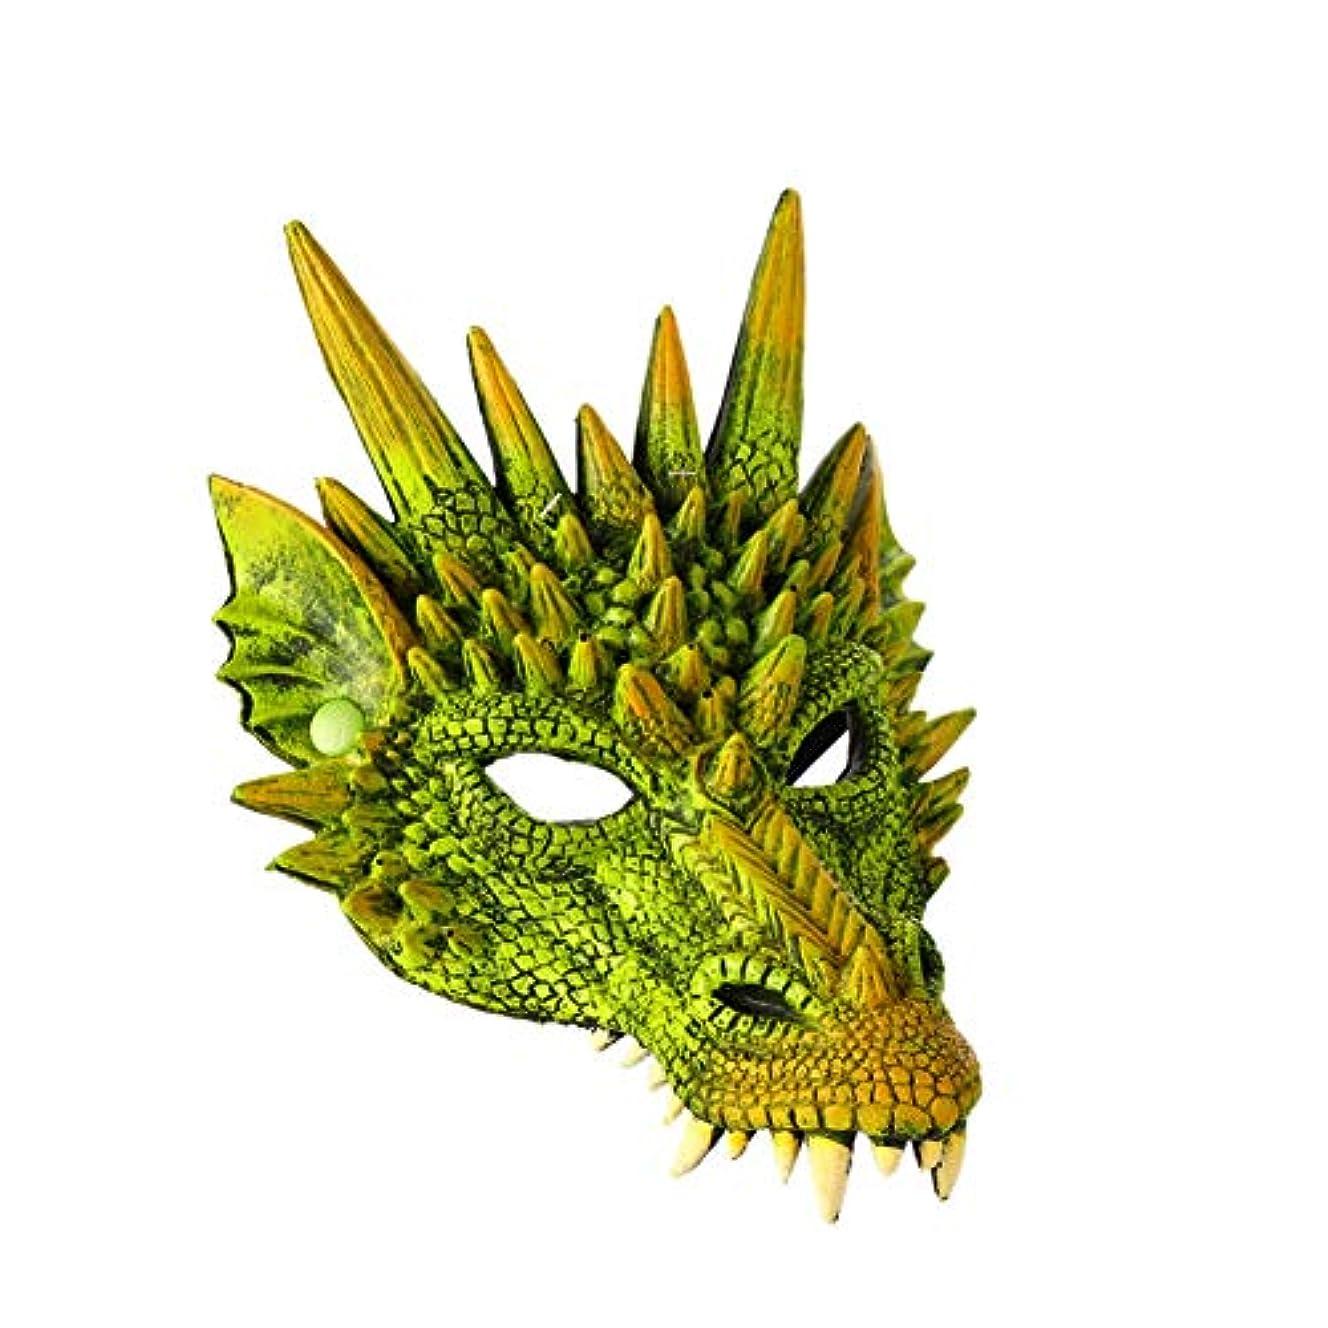 形状キャリッジ中国Esolom 4Dドラゴンマスク ハーフマスク 10代の子供のためのハロウィンコスチューム パーティーの装飾 テーマパーティー用品 ドラゴンコスプレ小道具